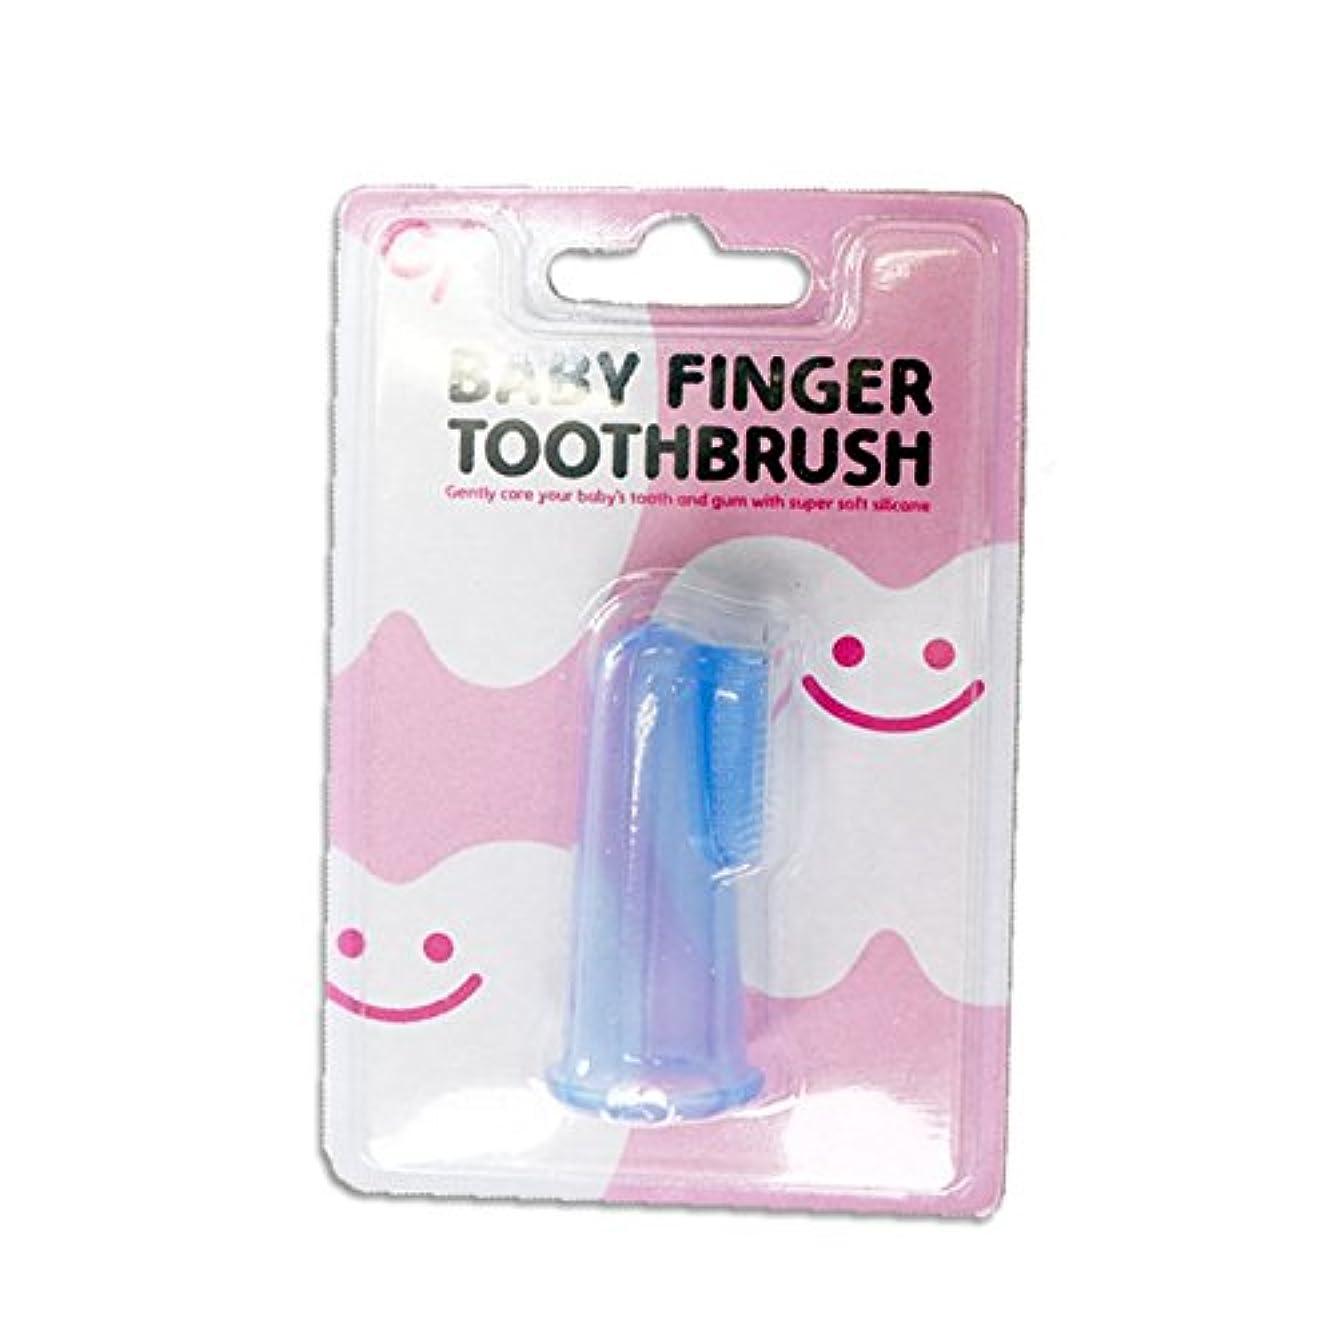 ショッピングセンターウェブ嬉しいですベビーフィンガートゥースブラッシュ ベビーフィンガー歯ブラシ 12個入り BABY FINGER TOOTHBRUSH